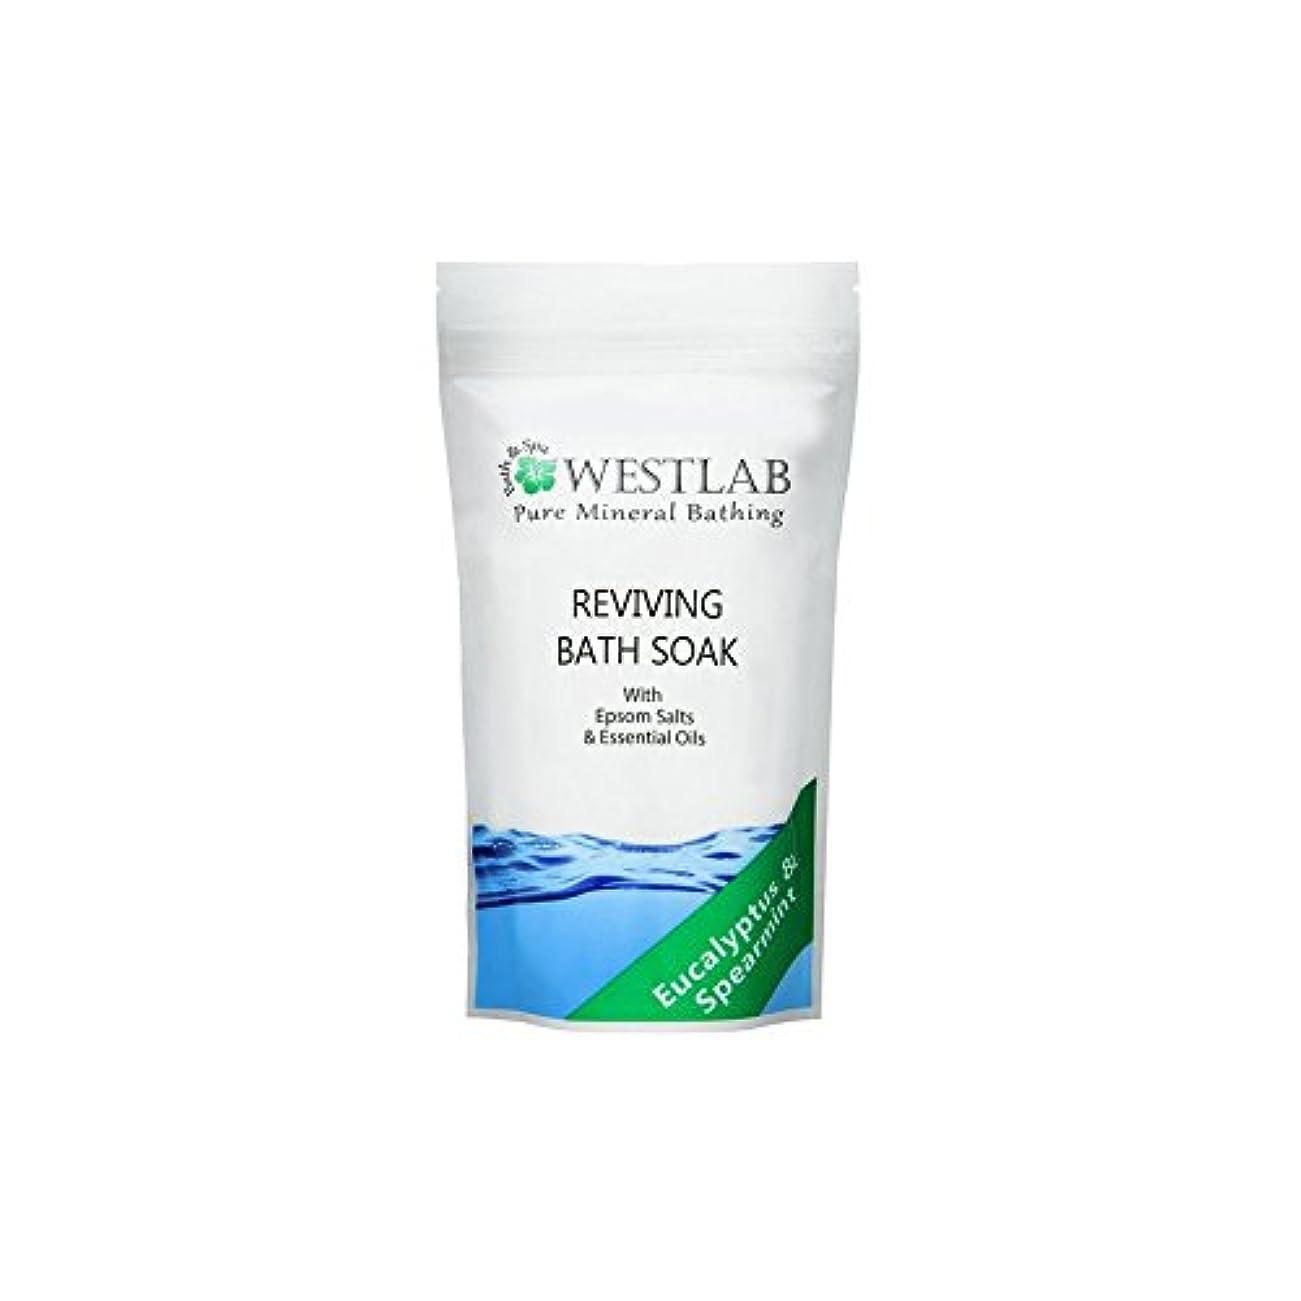 失礼な棚音楽(500グラム)をソークエプソム塩浴を復活させます x2 - Westlab Revive Epsom Salt Bath Soak (500g) (Pack of 2) [並行輸入品]